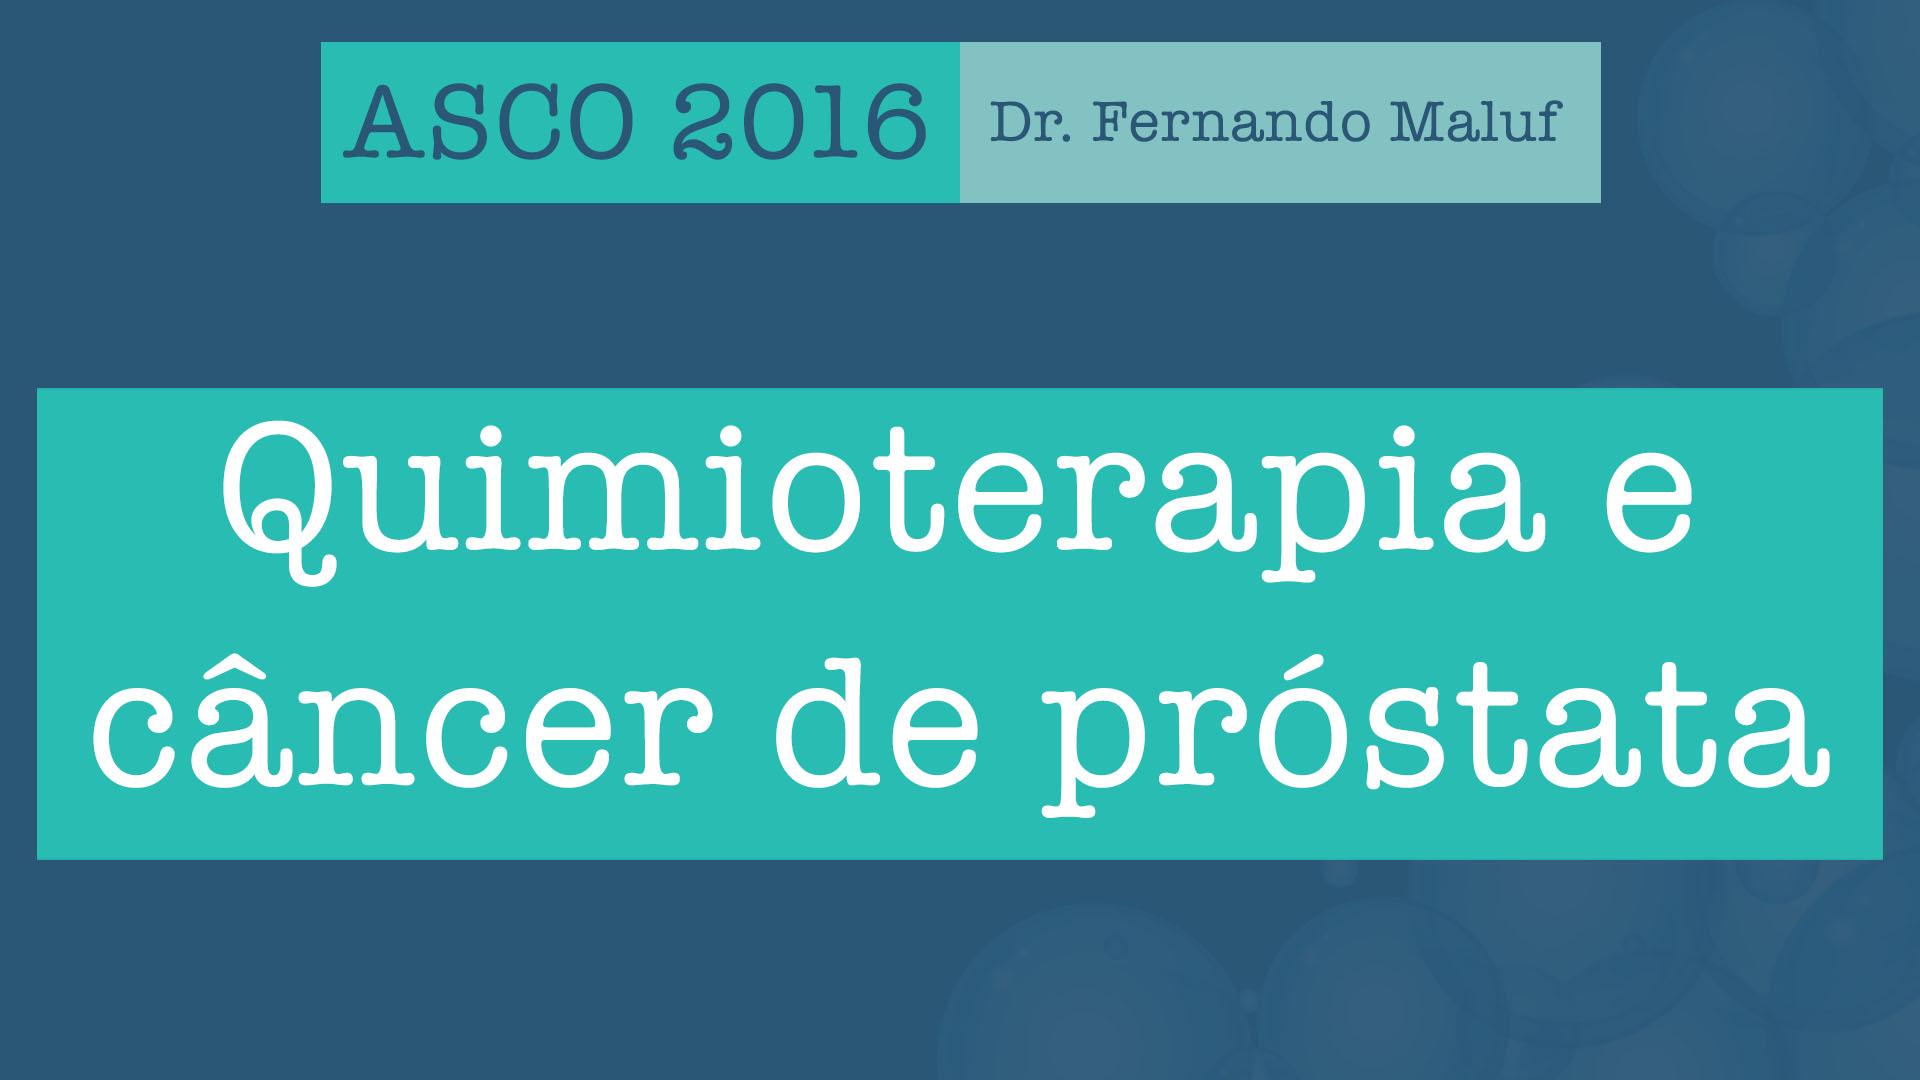 quimioterapia intermitente próstata